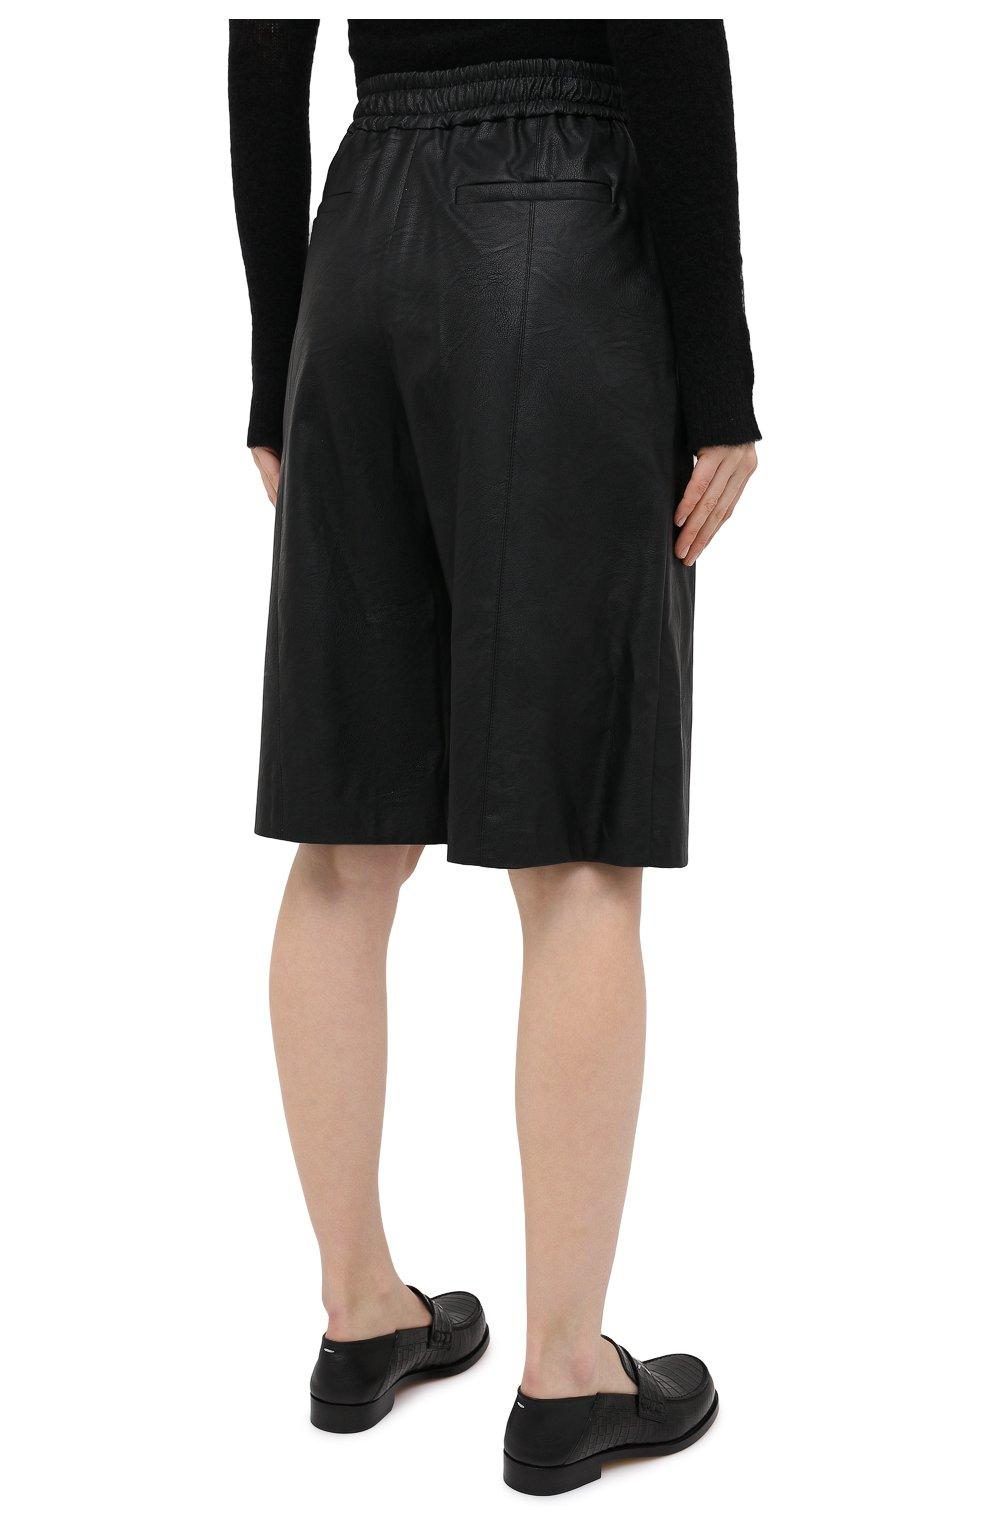 Женские шорты из экокожи NUDE черного цвета, арт. 1103028/SH0RTS | Фото 4 (Женское Кросс-КТ: Шорты-одежда; Материал внешний: Синтетический материал, Вискоза; Кросс-КТ: Широкие, экокожа; Стили: Спорт-шик; Длина Ж (юбки, платья, шорты): До колена)